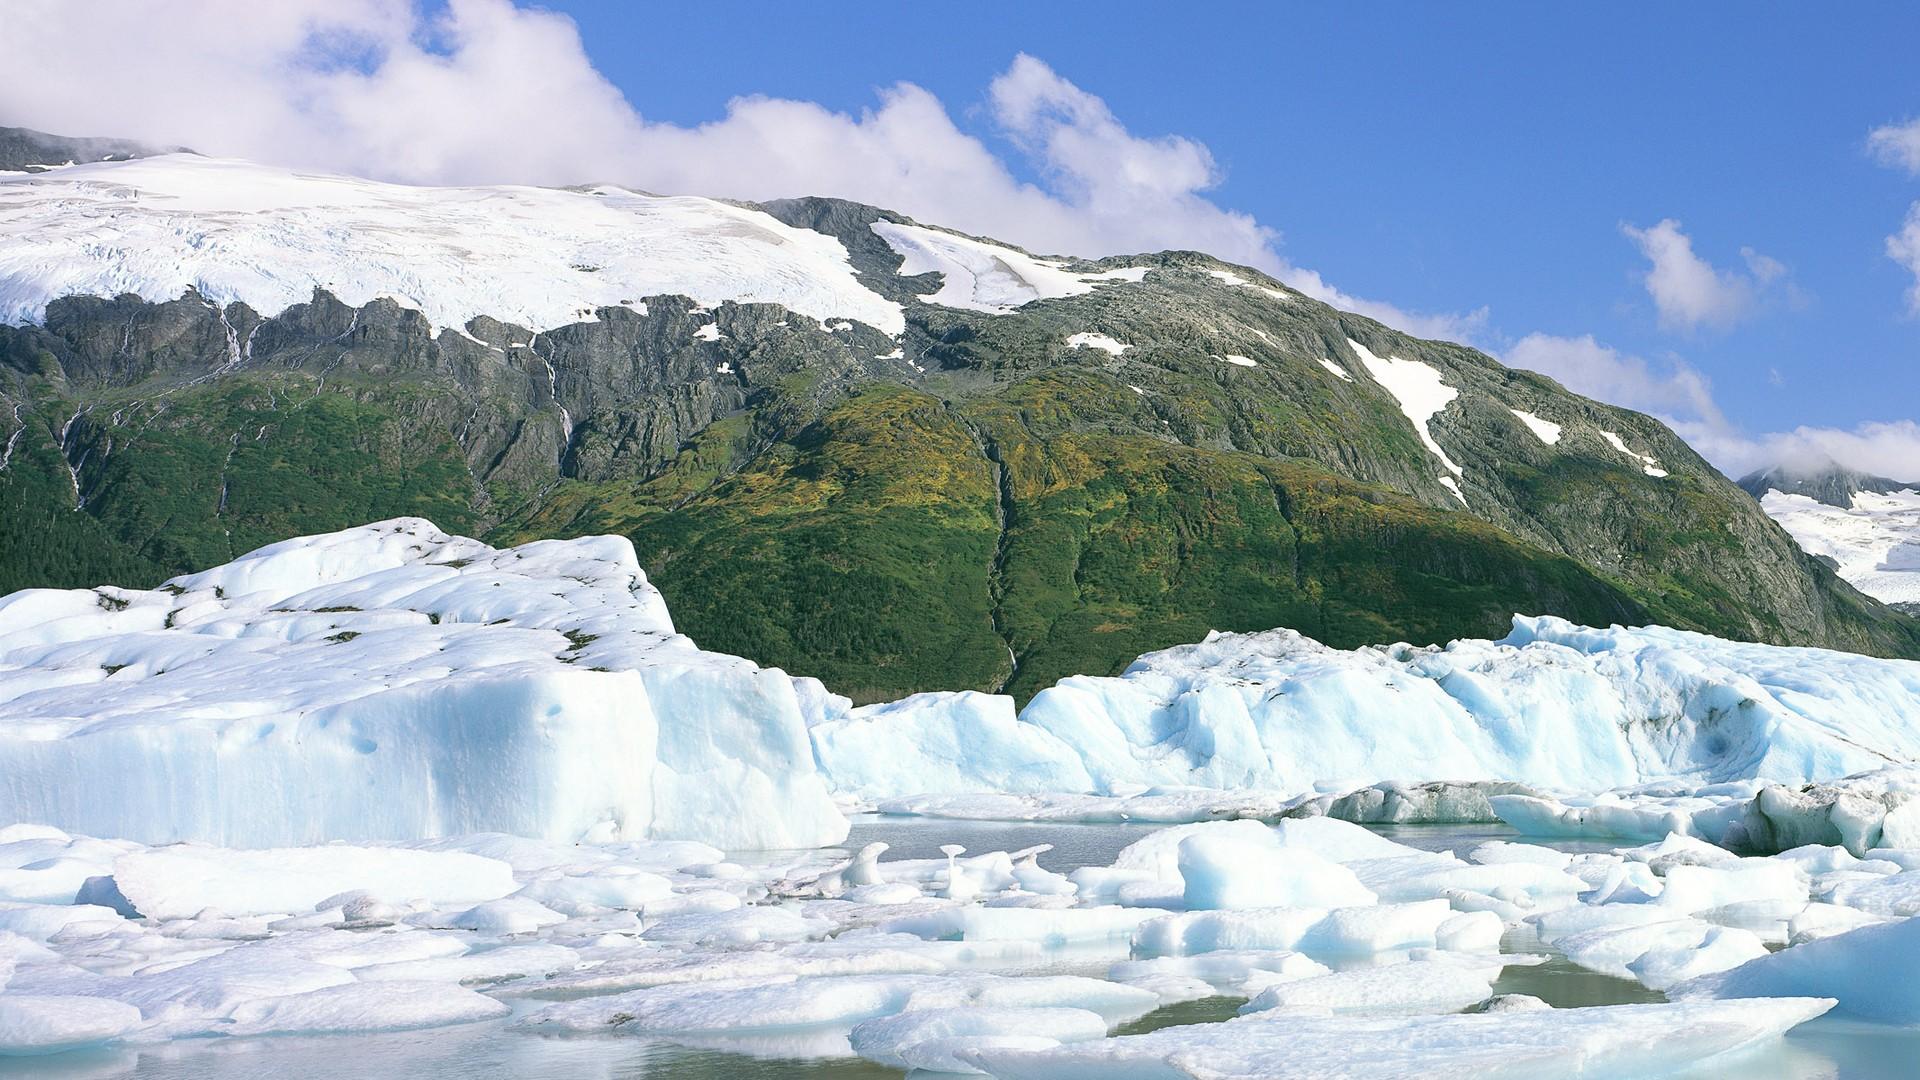 冰川全景风景高清桌面壁纸